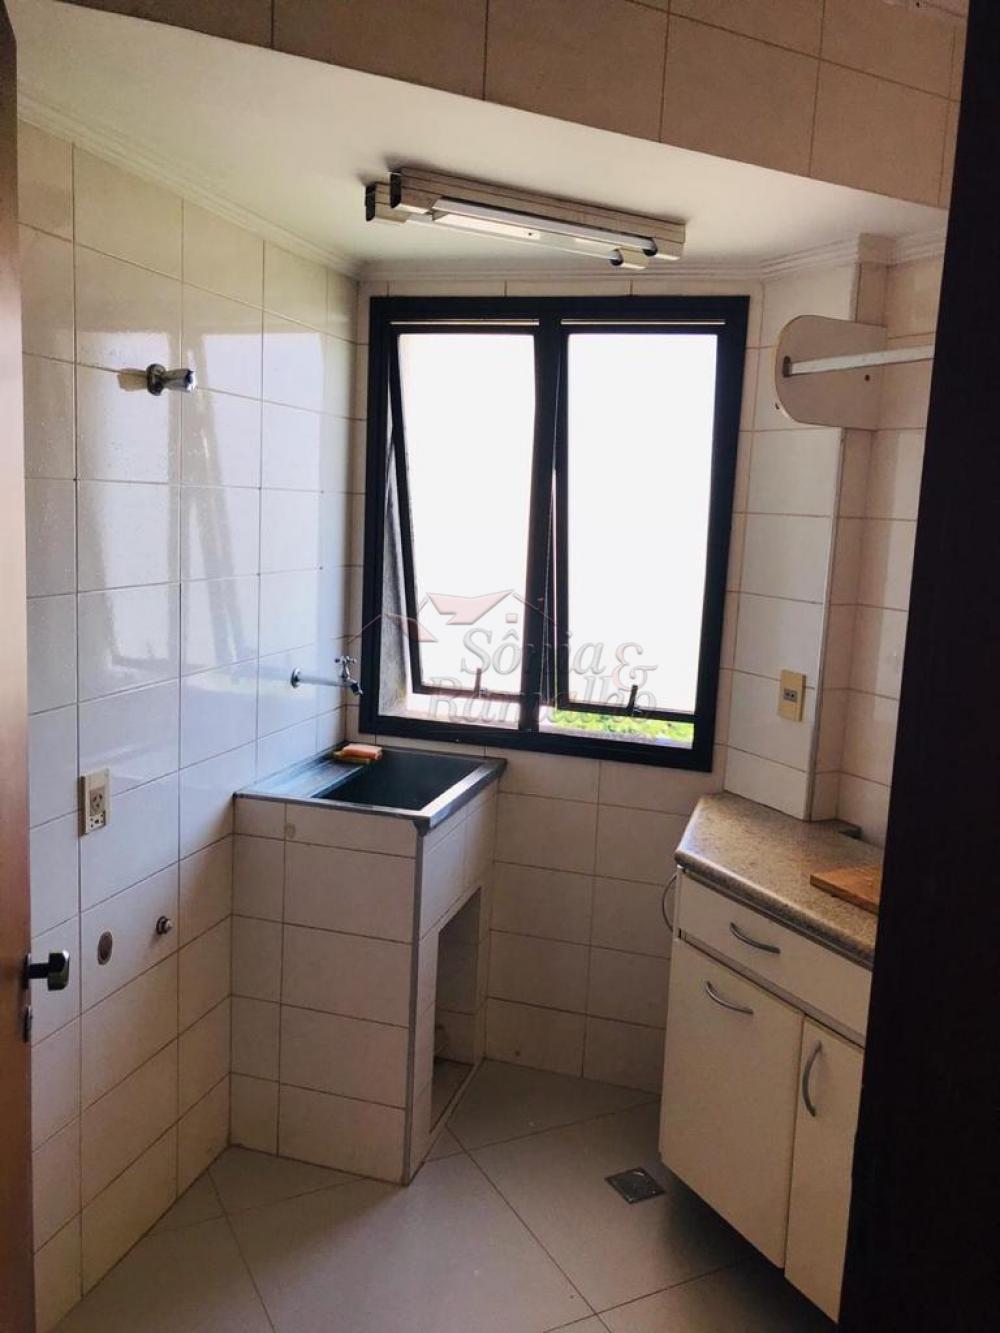 Comprar Apartamentos / Padrão em Ribeirão Preto R$ 460.000,00 - Foto 15